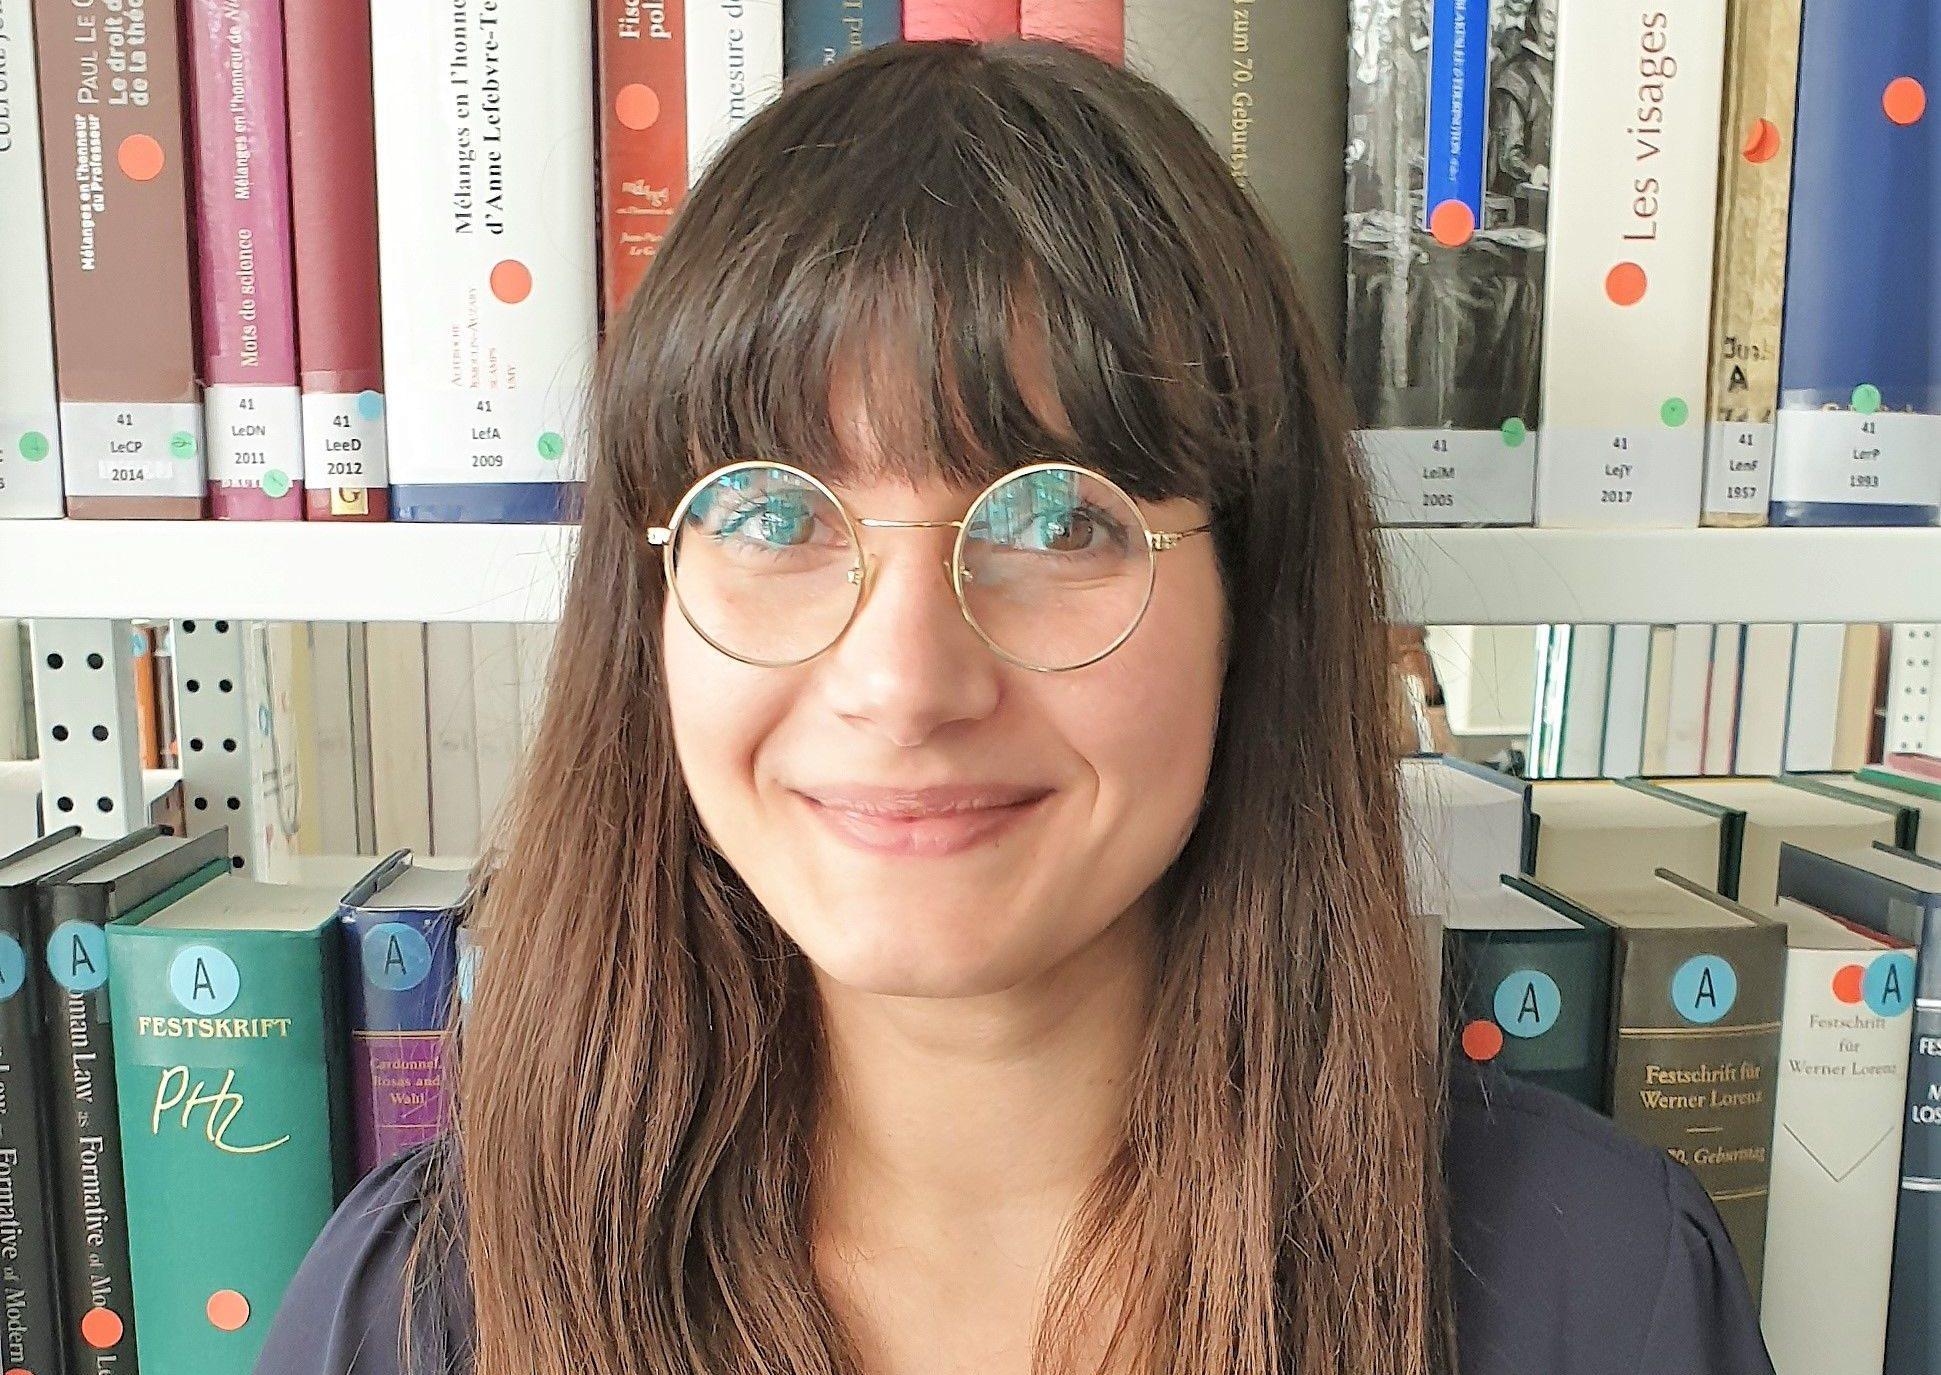 Tirocinio alla Corte di giustizia dell'Unione europea per la calatina Giorgia Lo Tauro dottoranda dell'Università di Catania